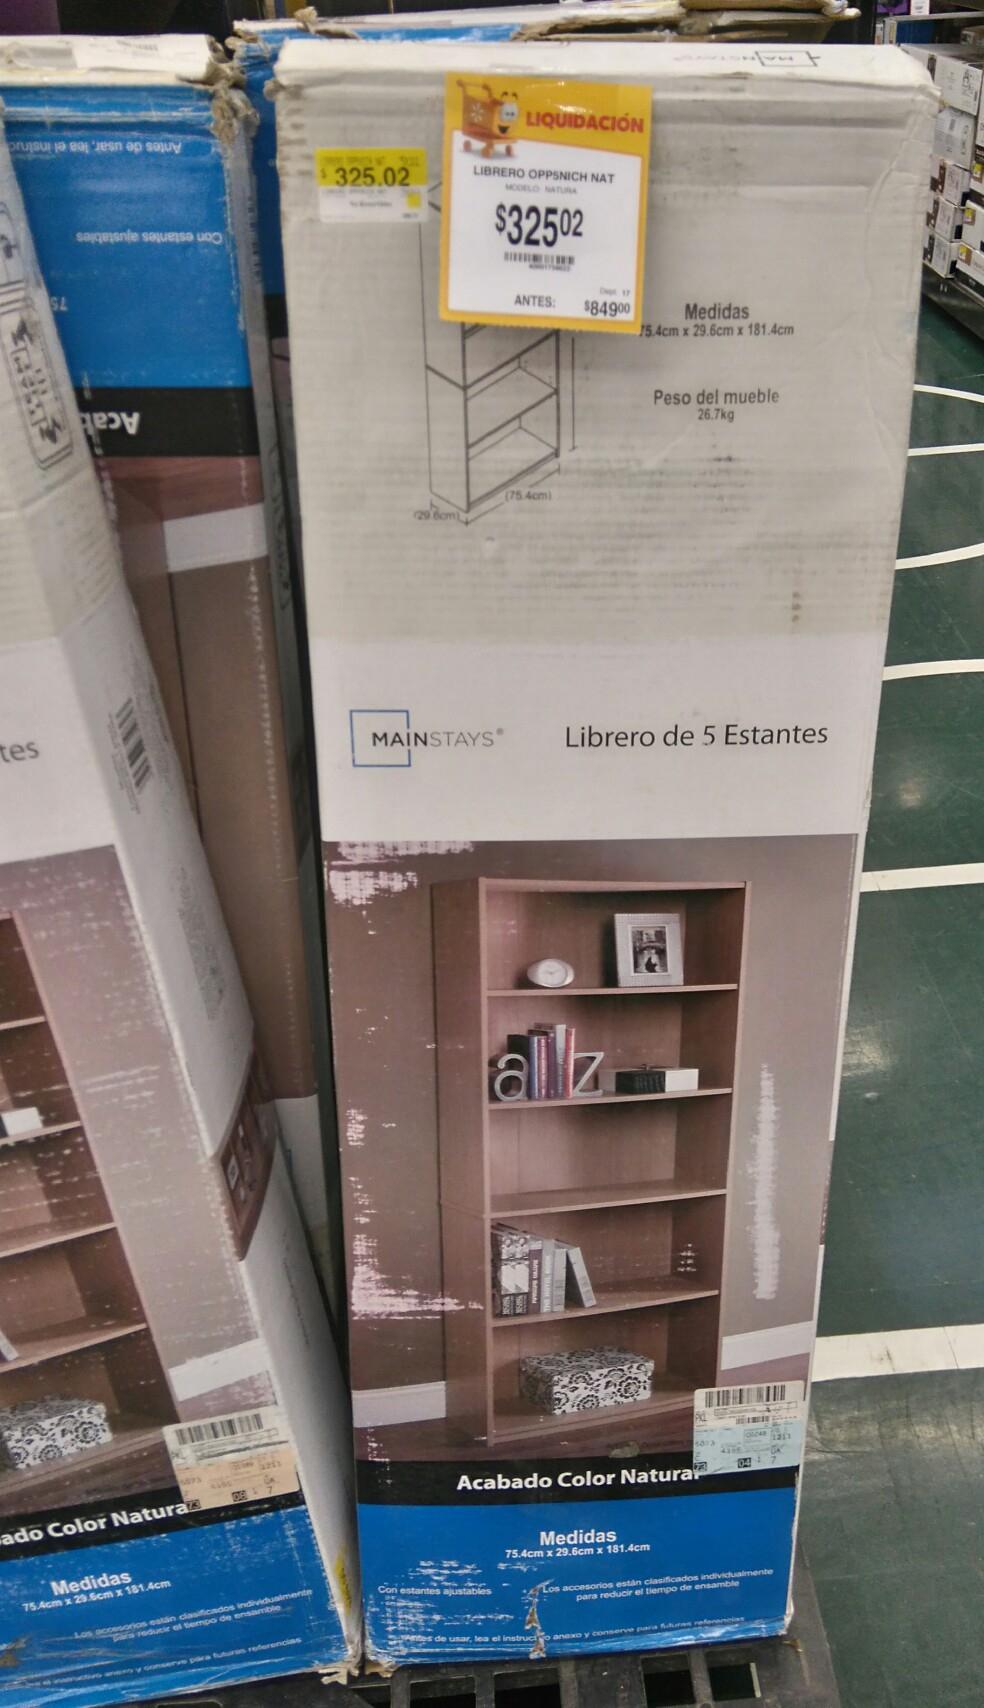 Walmart: Librero MAINSTAYS a $329.02